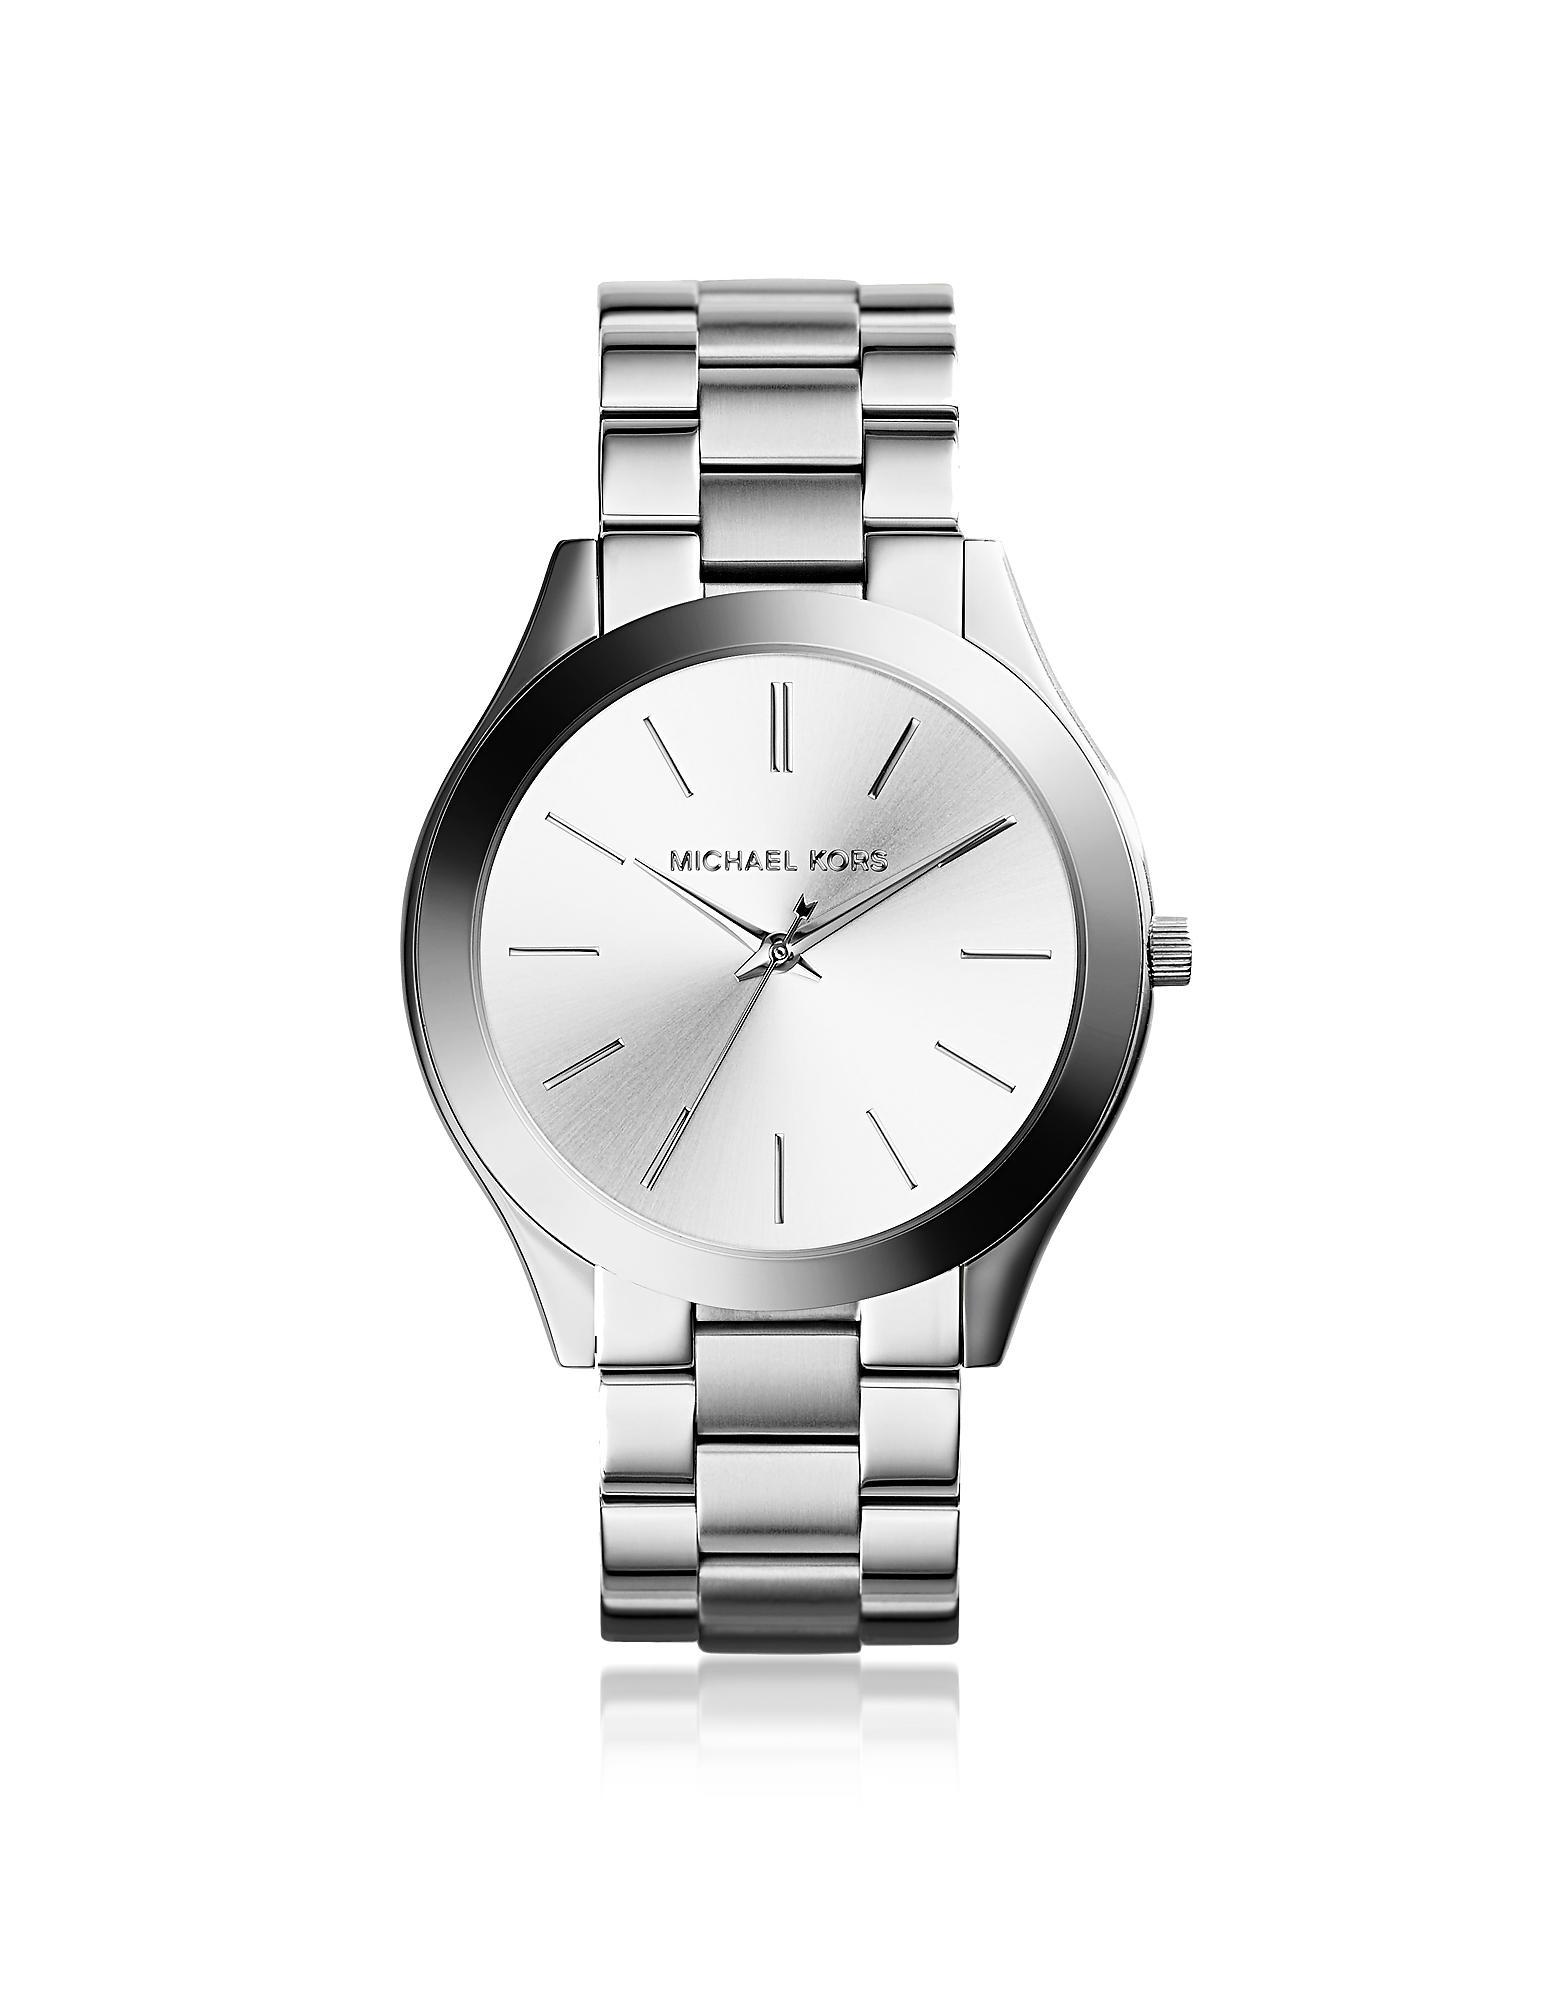 d8c7e042cd05 Lyst - Michael Kors Slim Runway Women s Watch in Metallic